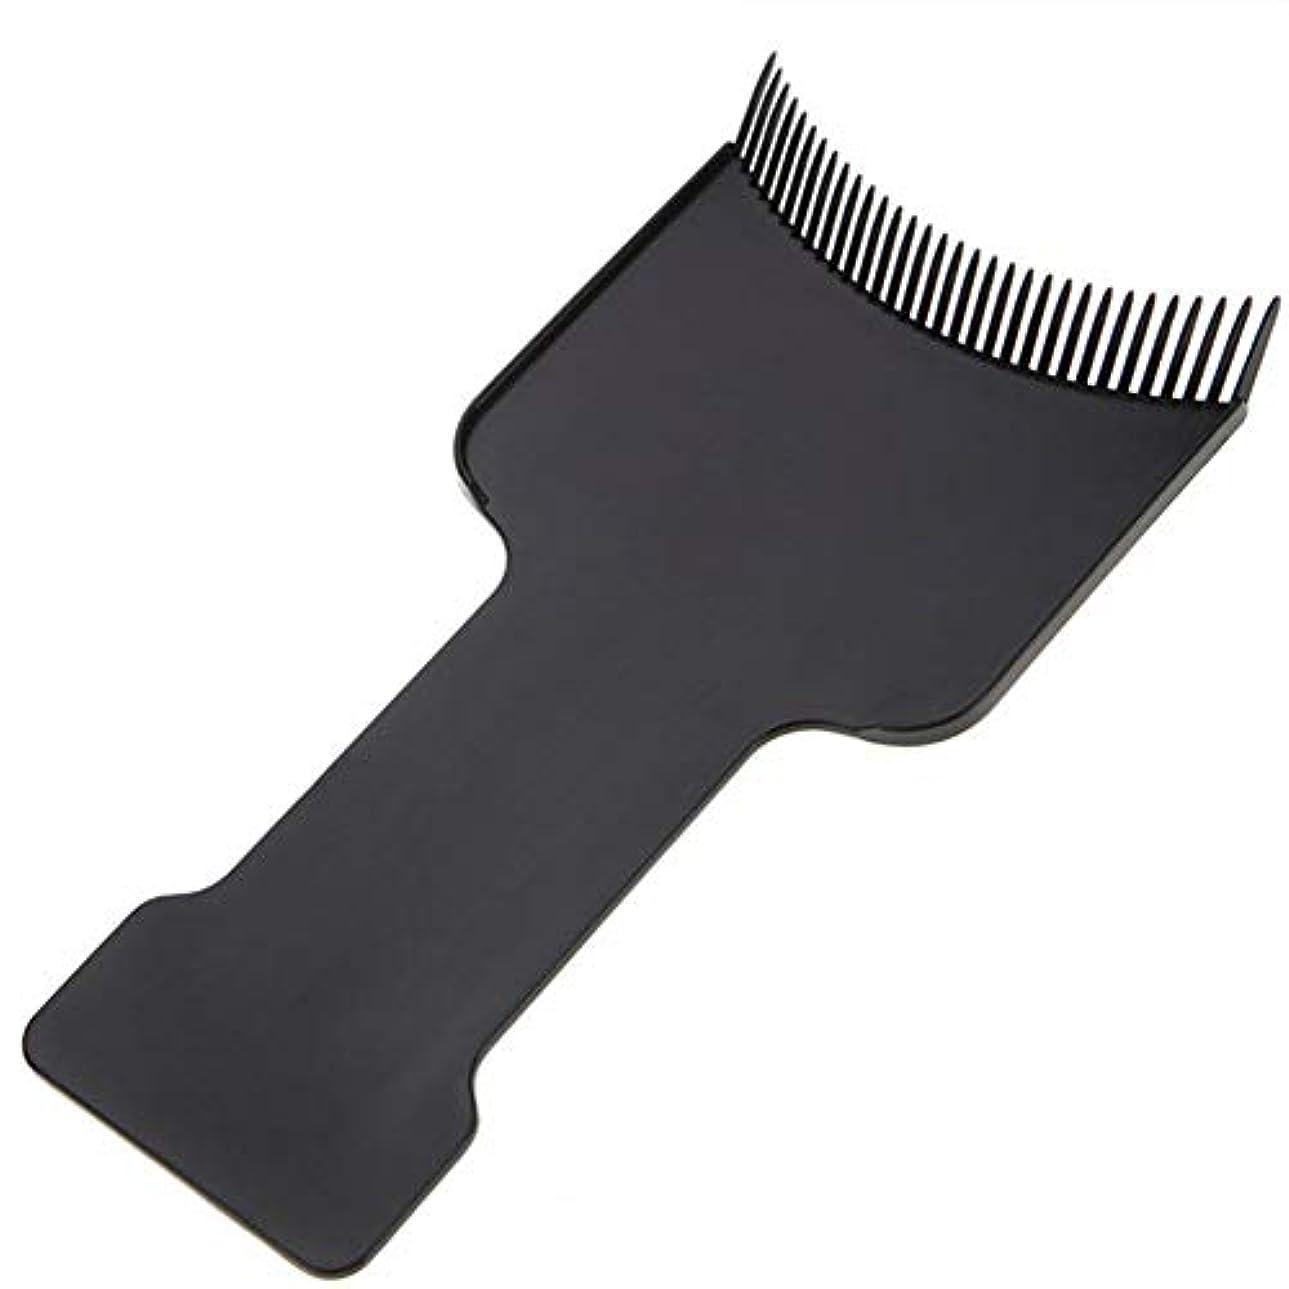 ドリンク同僚コークスAIMERKUP 理髪サロンヘアカラーリング染色ボードヘアトリートメントケアピックカラーボードくし理髪ツール frugal friendly